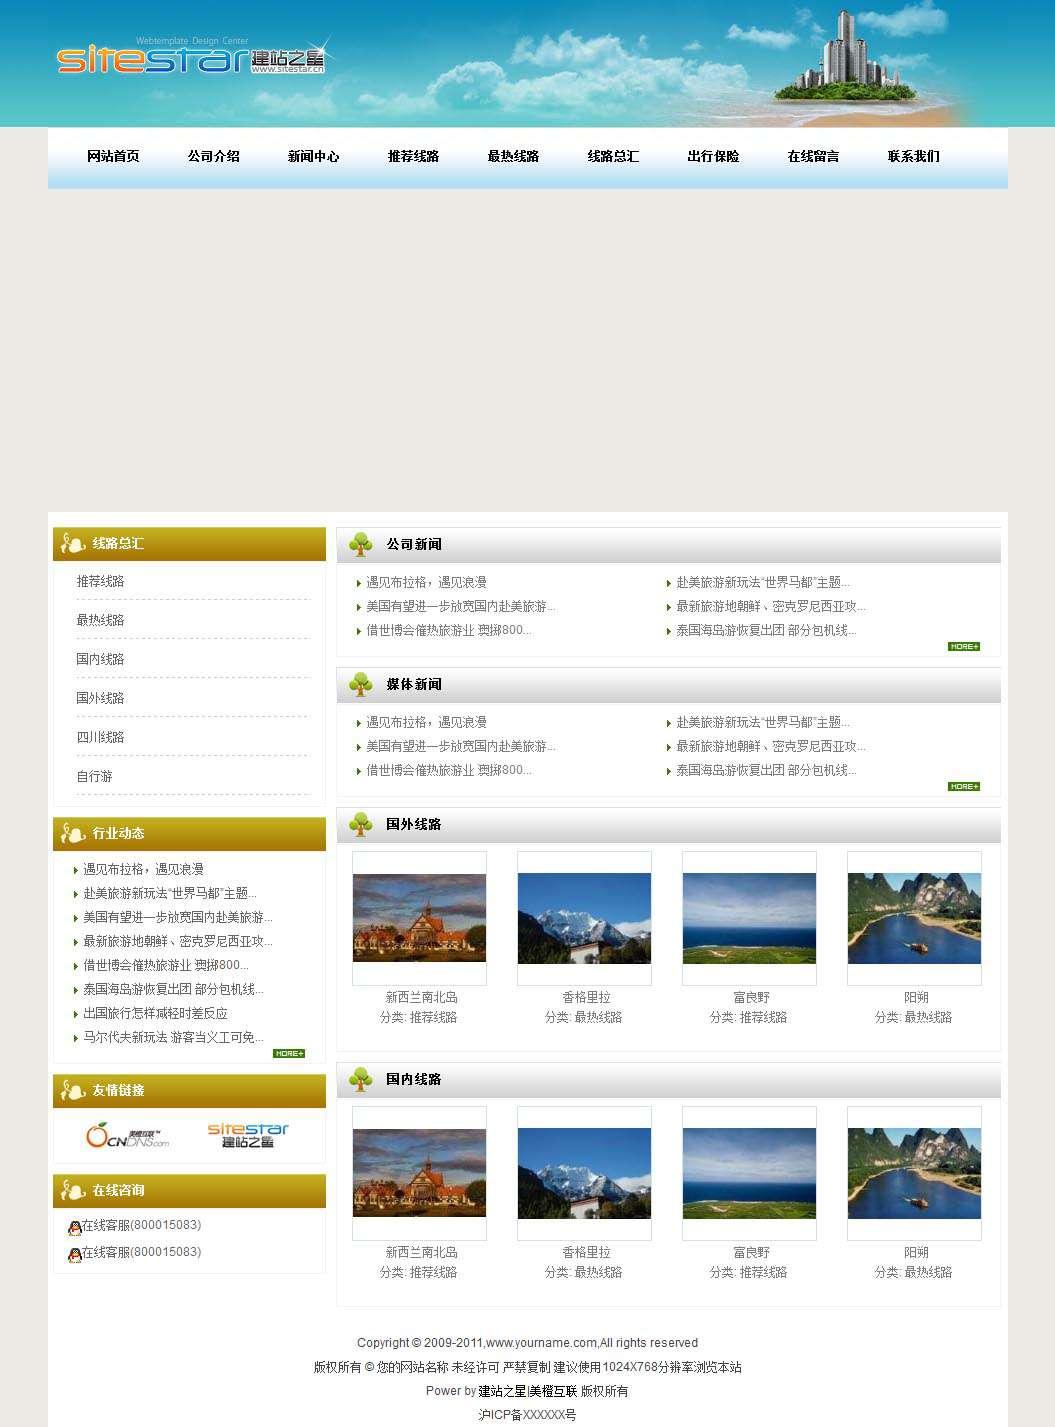 企业网站-风景A14模板首页